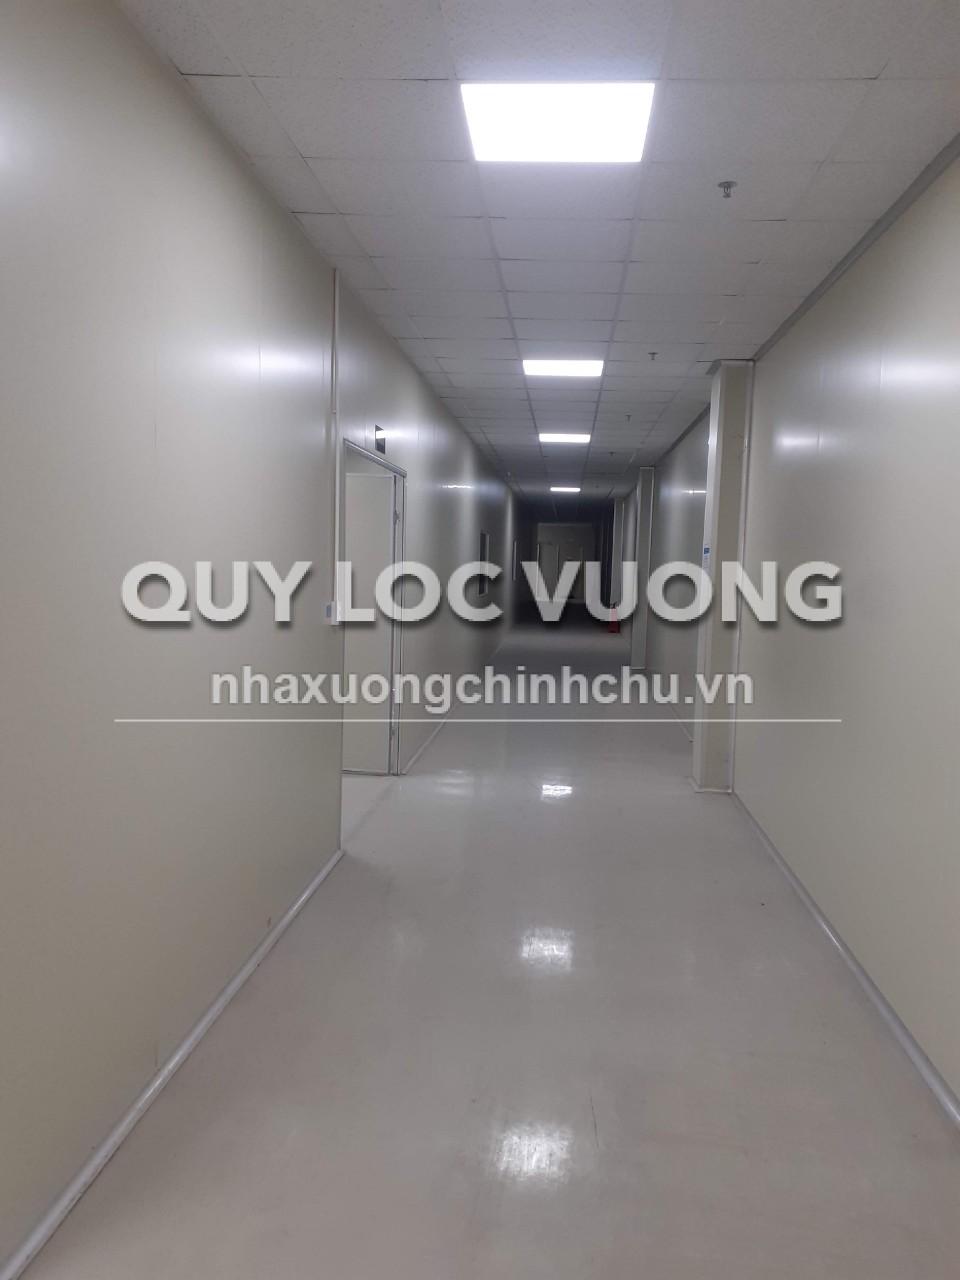 Cho thuê nhà xưởng 1.700m2 trong KCN Tam Phước Biên Hòa Đồng Nai